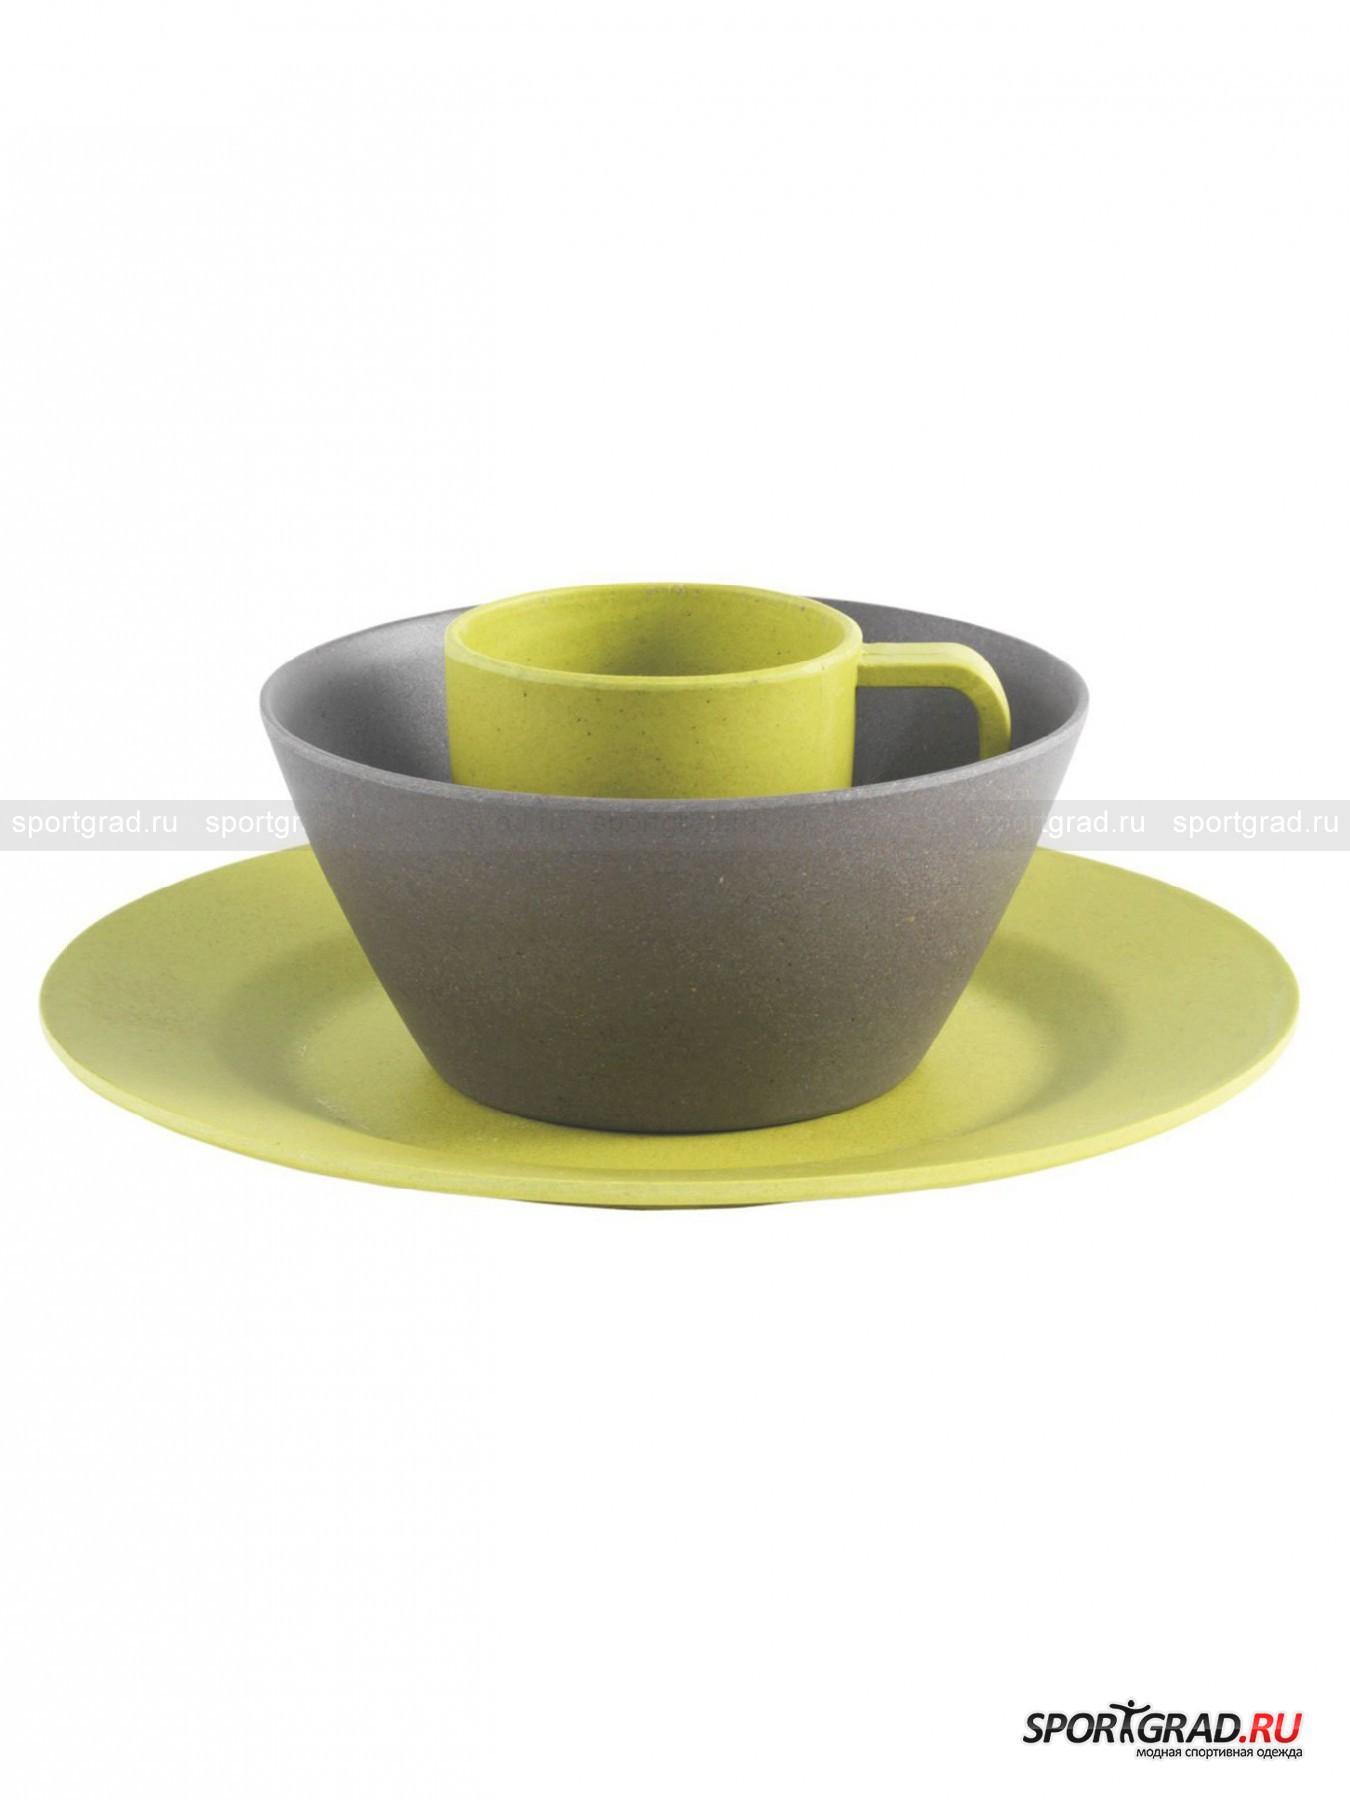 Набор посуды бамбук: кружка+тарелка+чаша Picnic